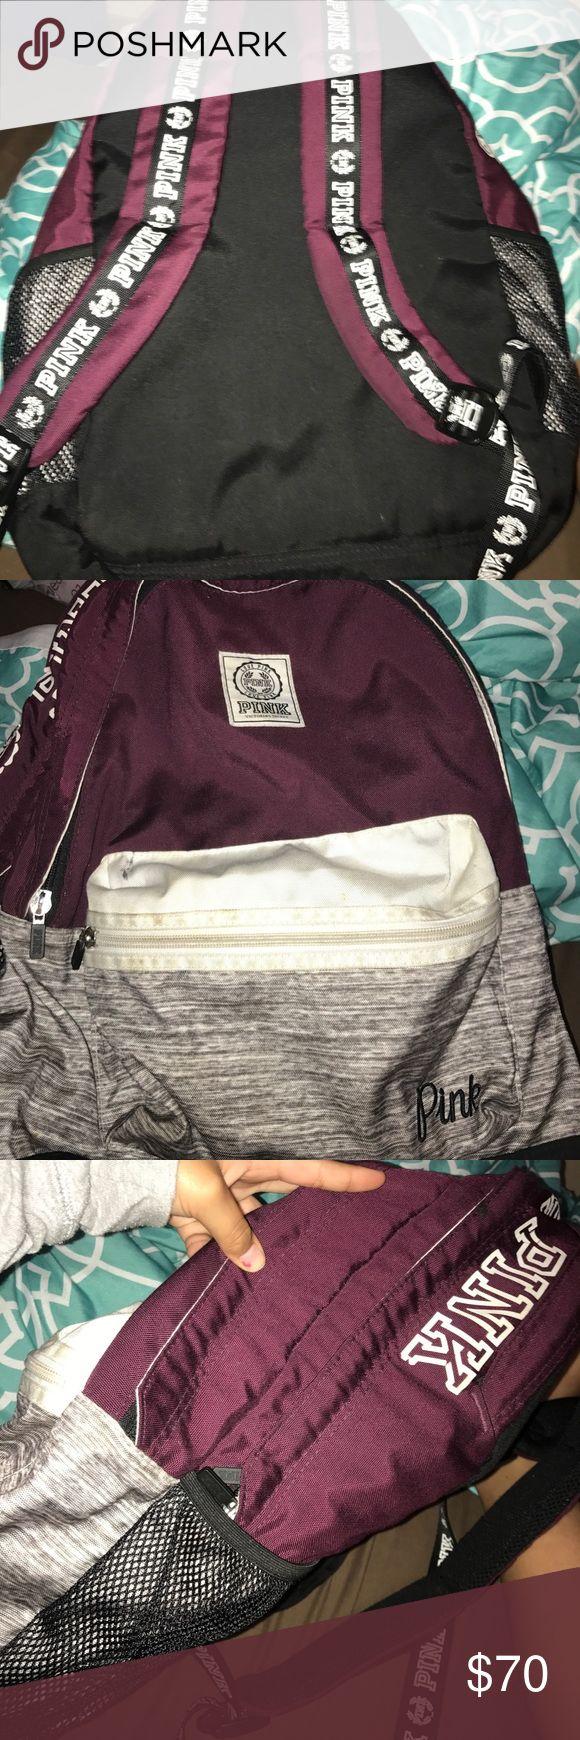 Slightly used VS pink back pack Maron/ dark purple color VS pink bag PINK Victoria's Secret Bags Backpacks